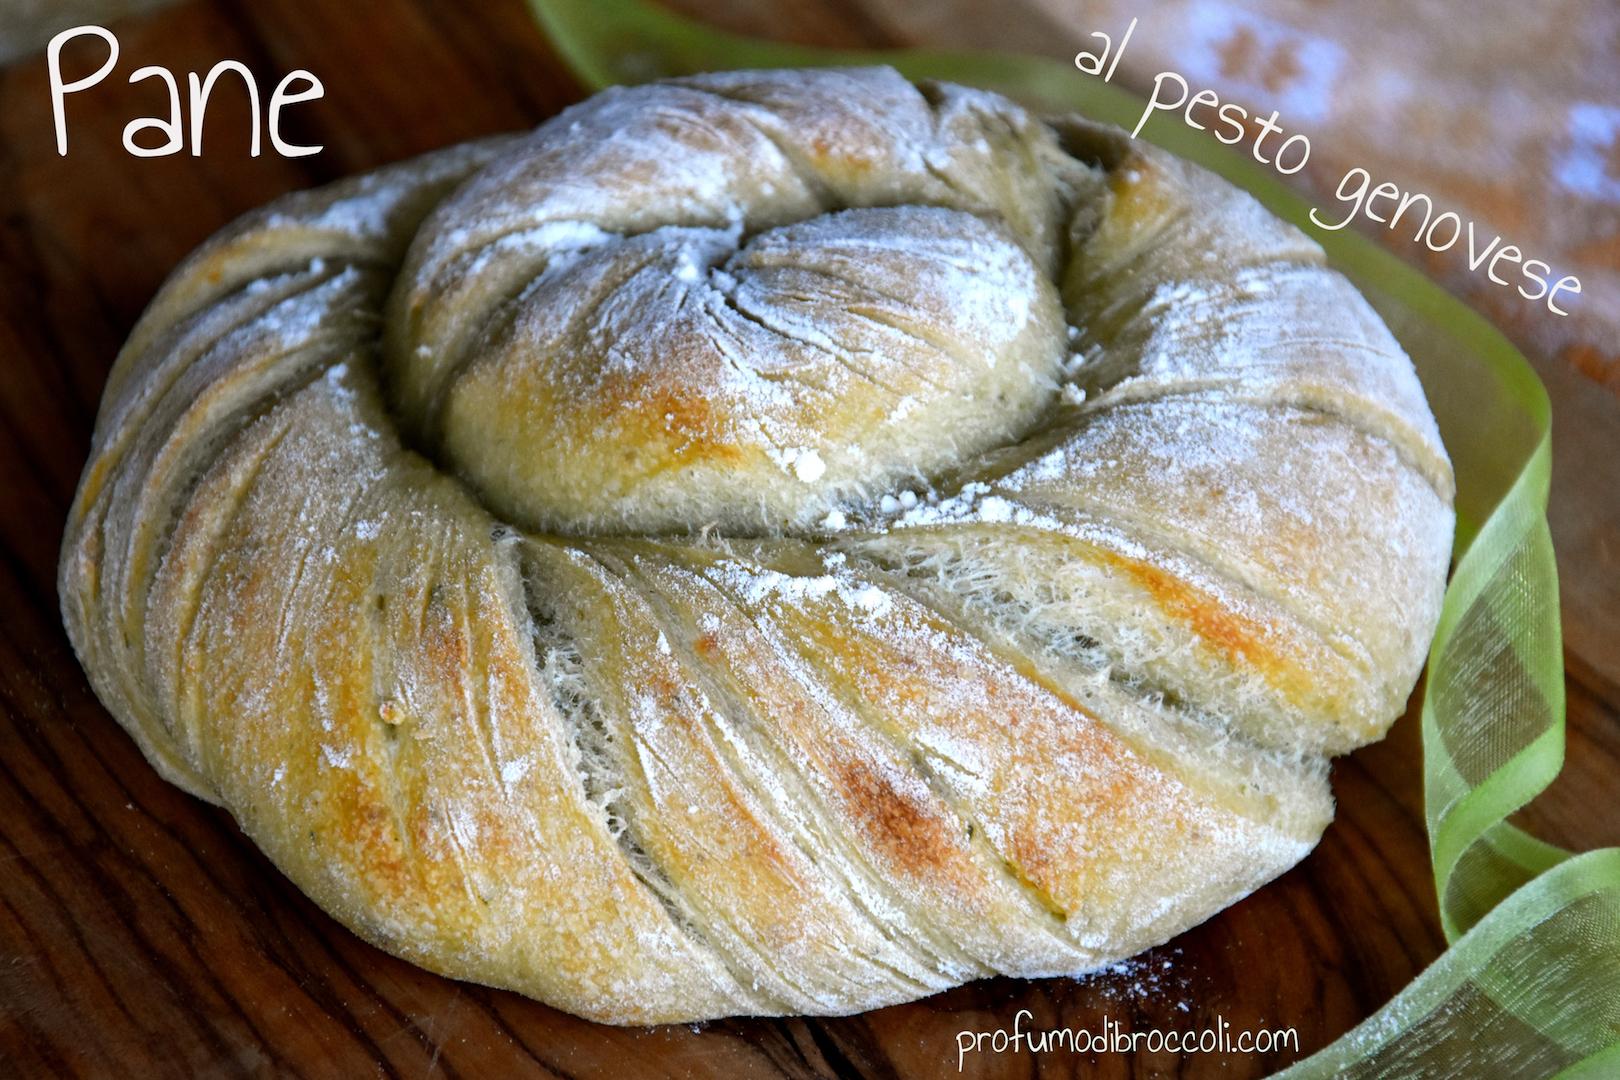 pane al pesto genovese